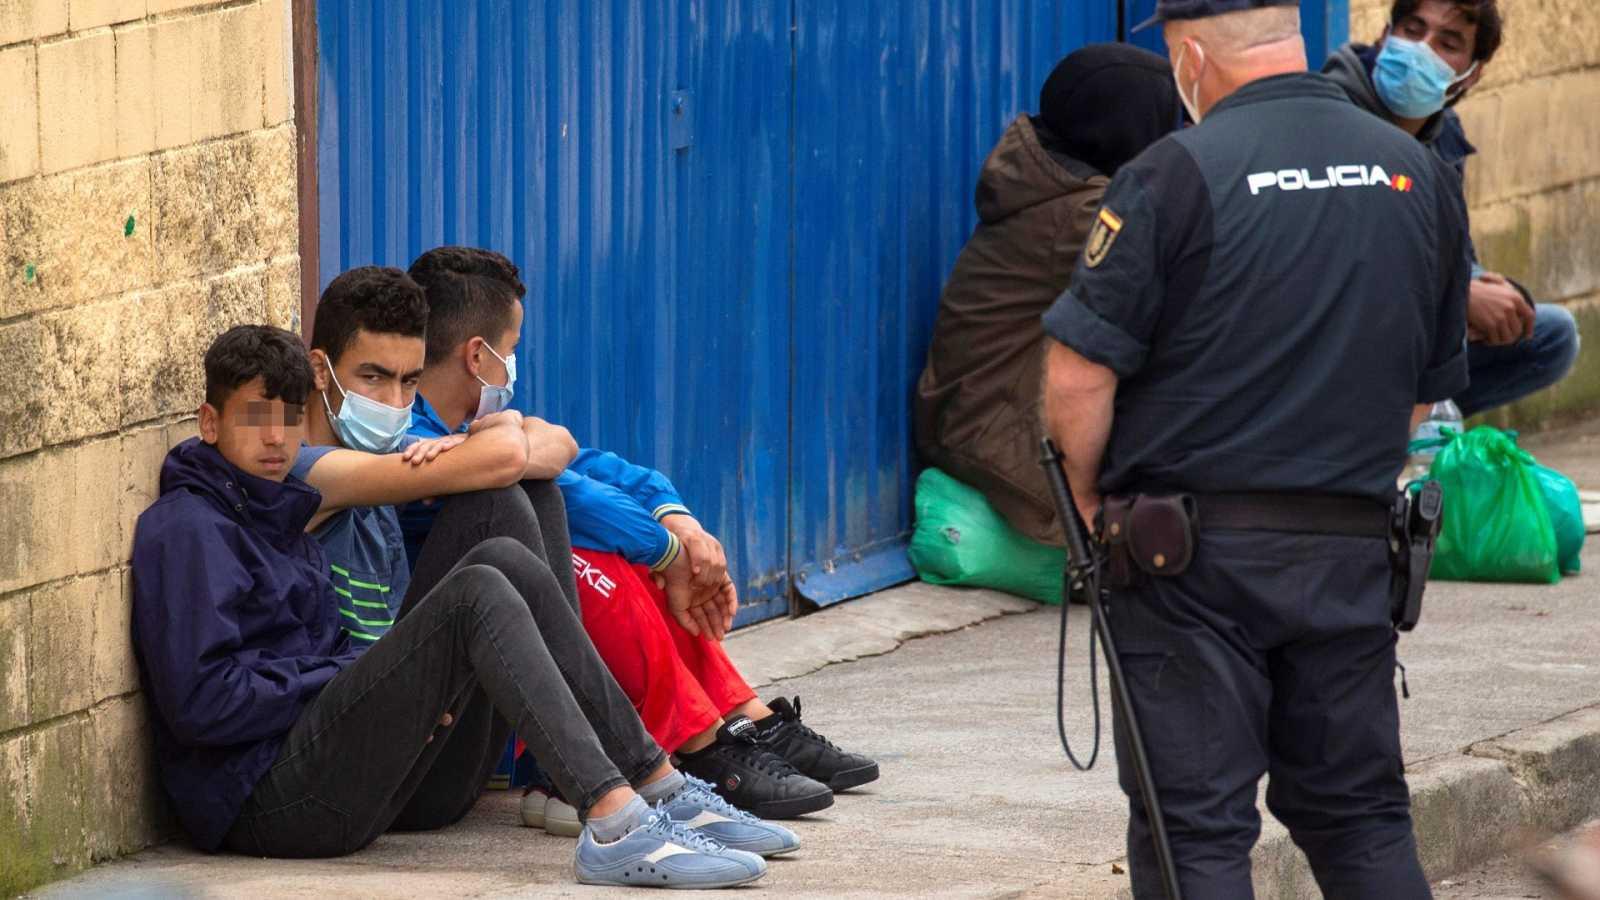 Cerca de 400 menores migrantes continúan hacinados en tres almacenes de Ceuta